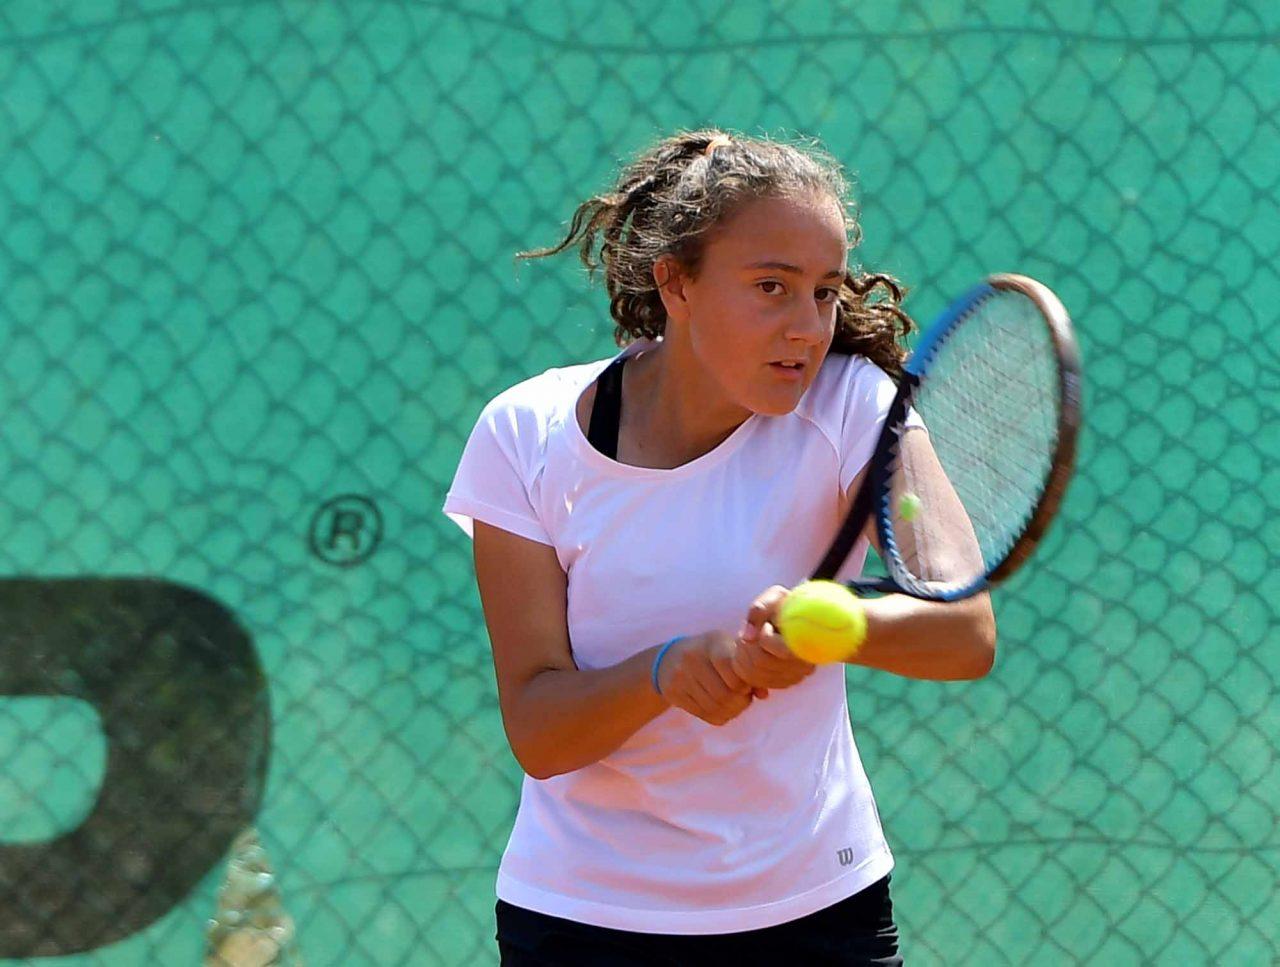 Държавно първенство тенис до 14 год. ТК 15-40 момичета (33)